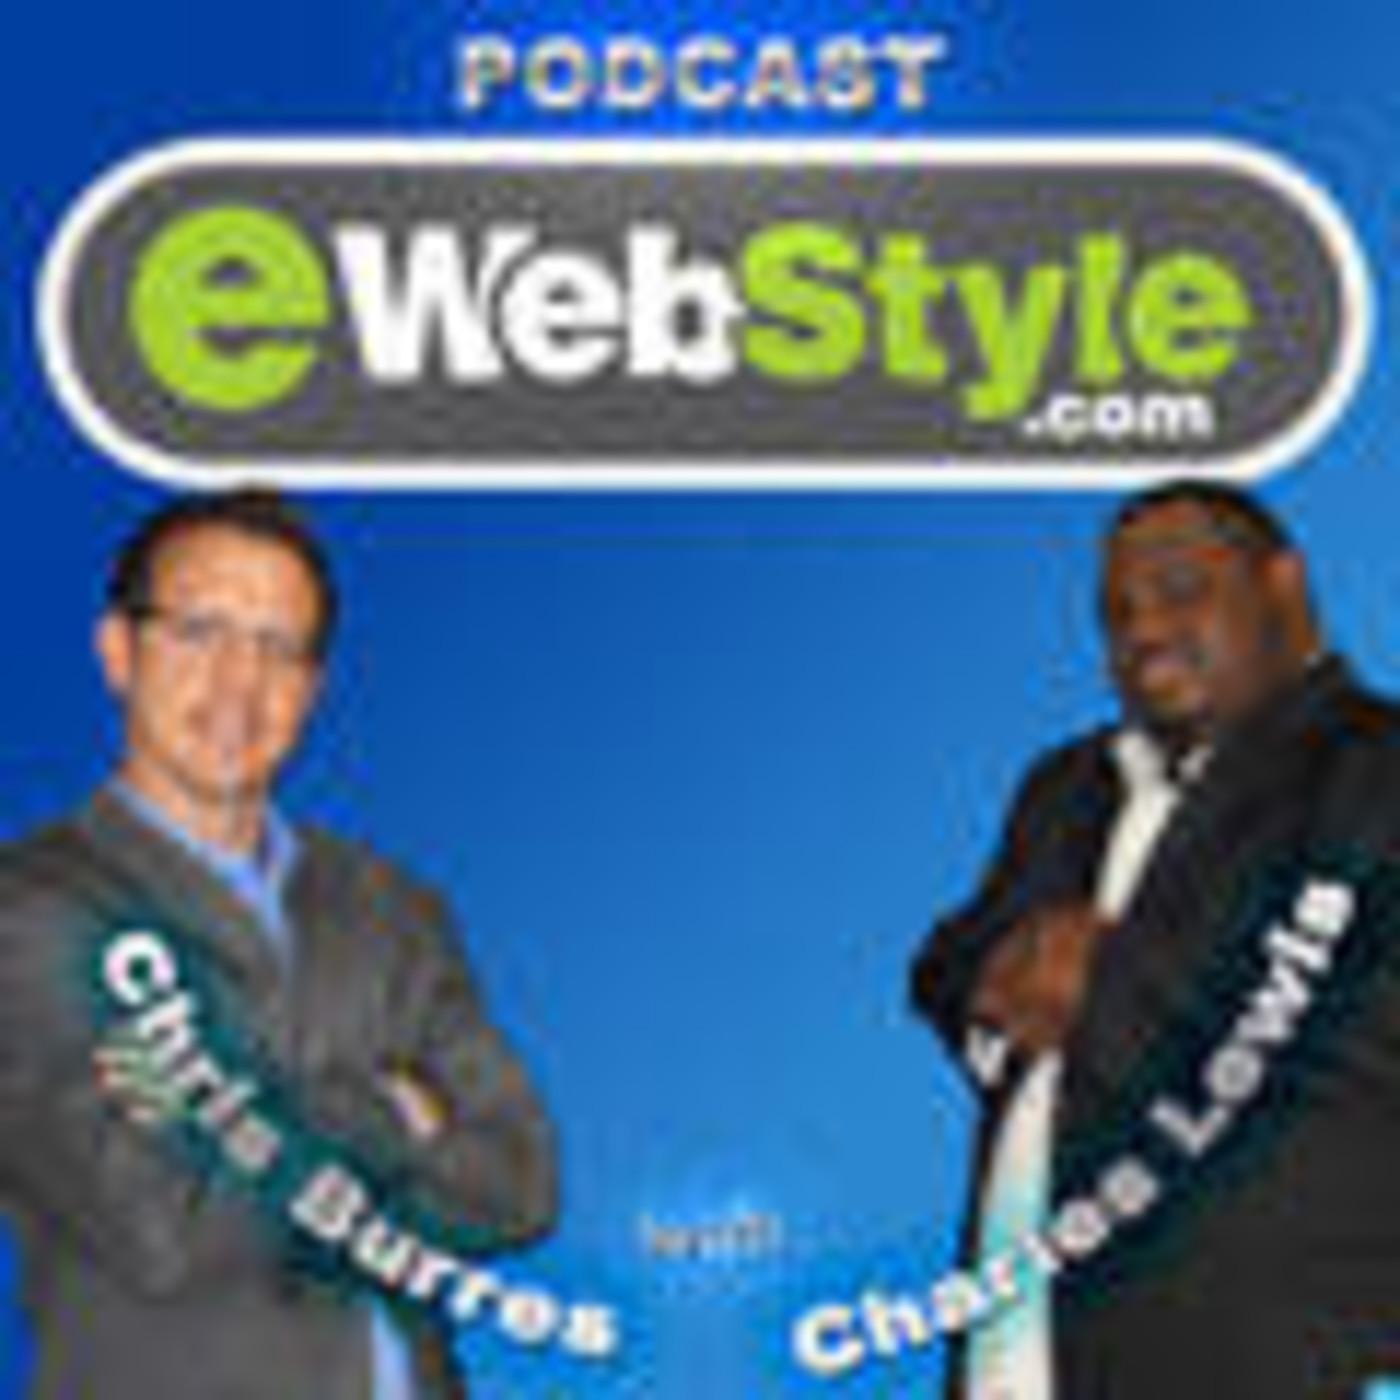 E-Webstyle.com